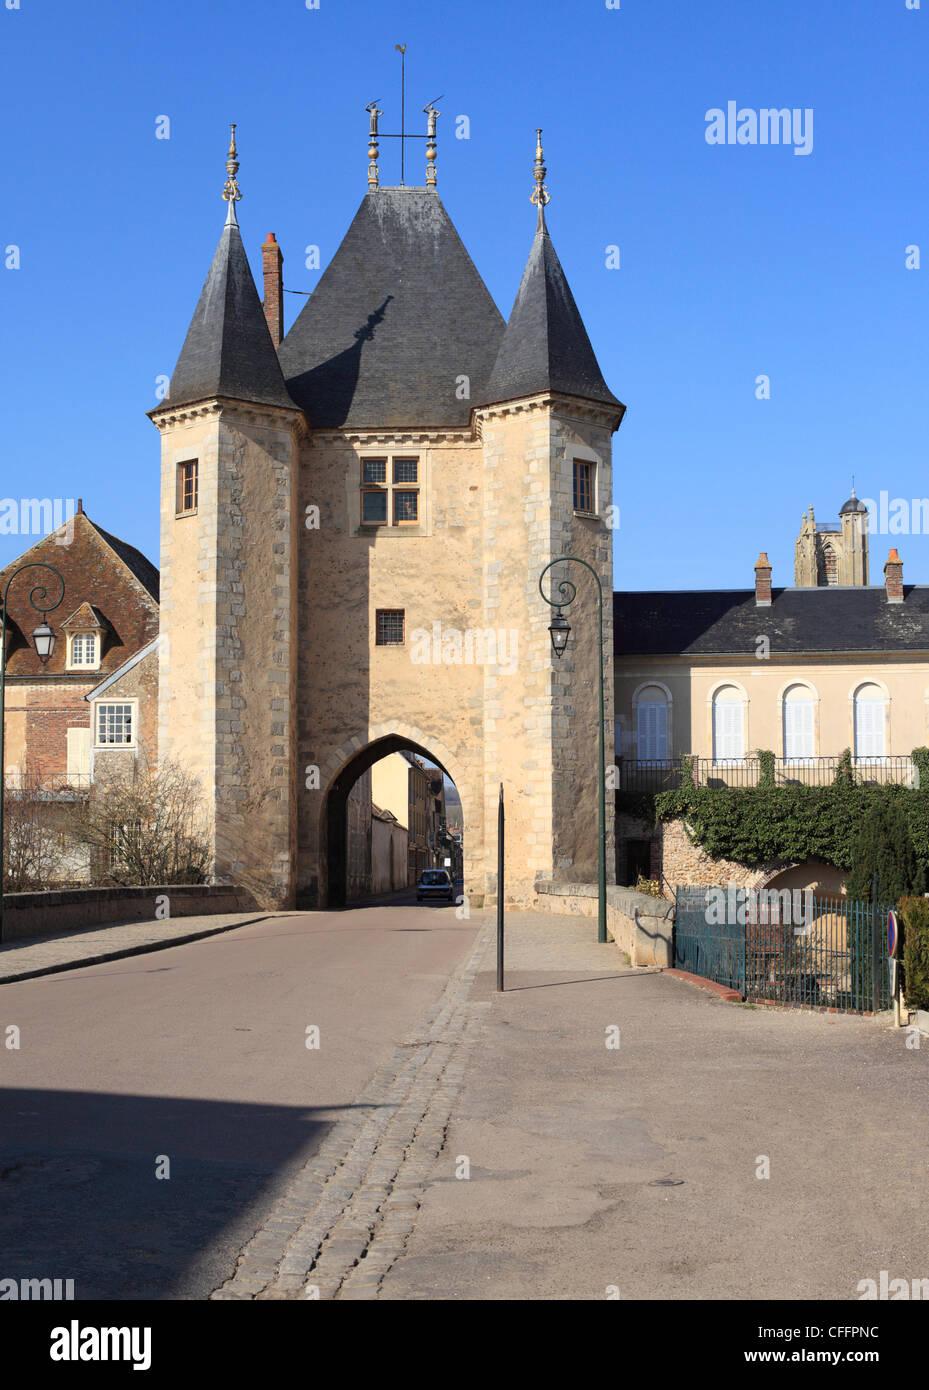 Villeneuve sur Yonne - Porte de Joigny or Joigny Gate. - Stock Image